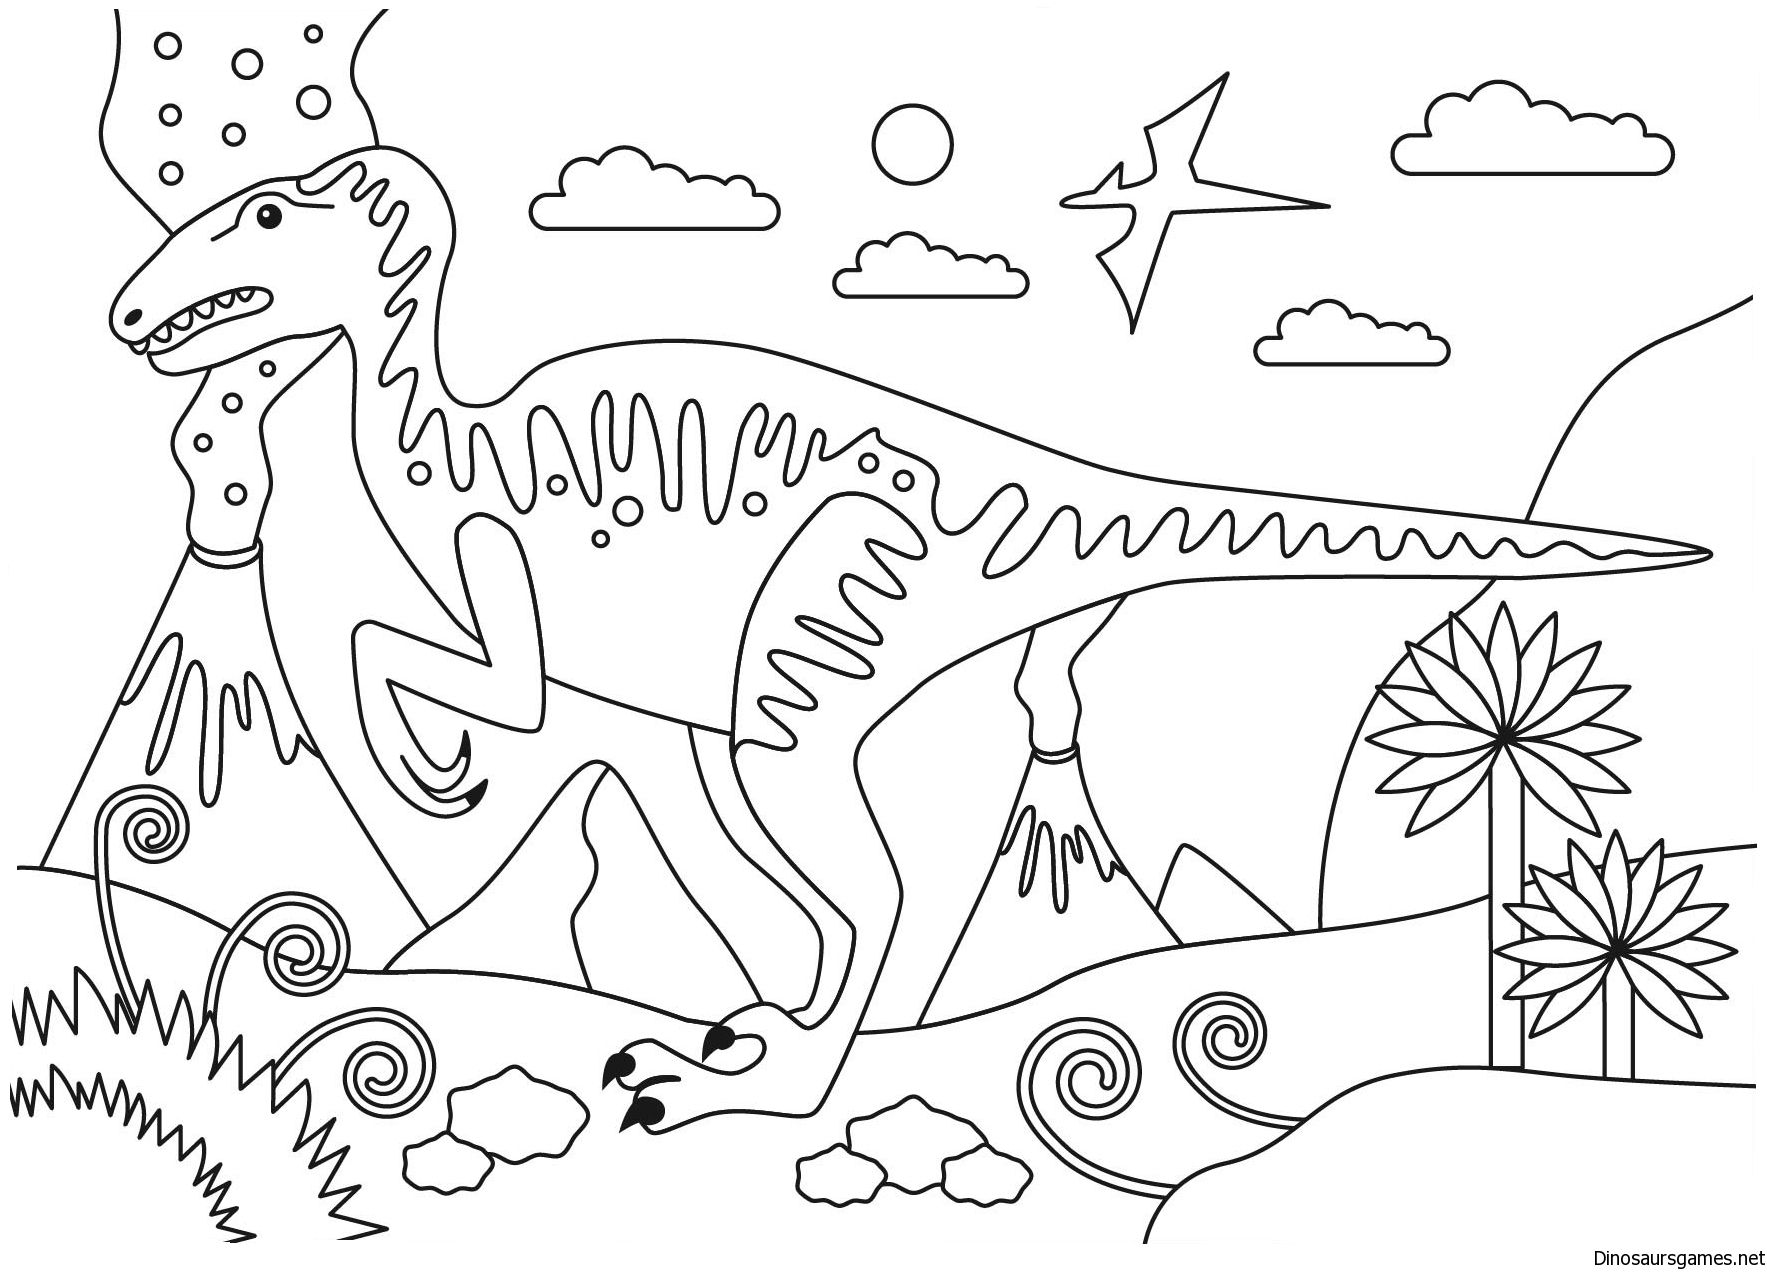 Velociraptor Dinosaur Coloring Page Dinosaur Coloring Pages Coloring Pages Dinosaur Coloring